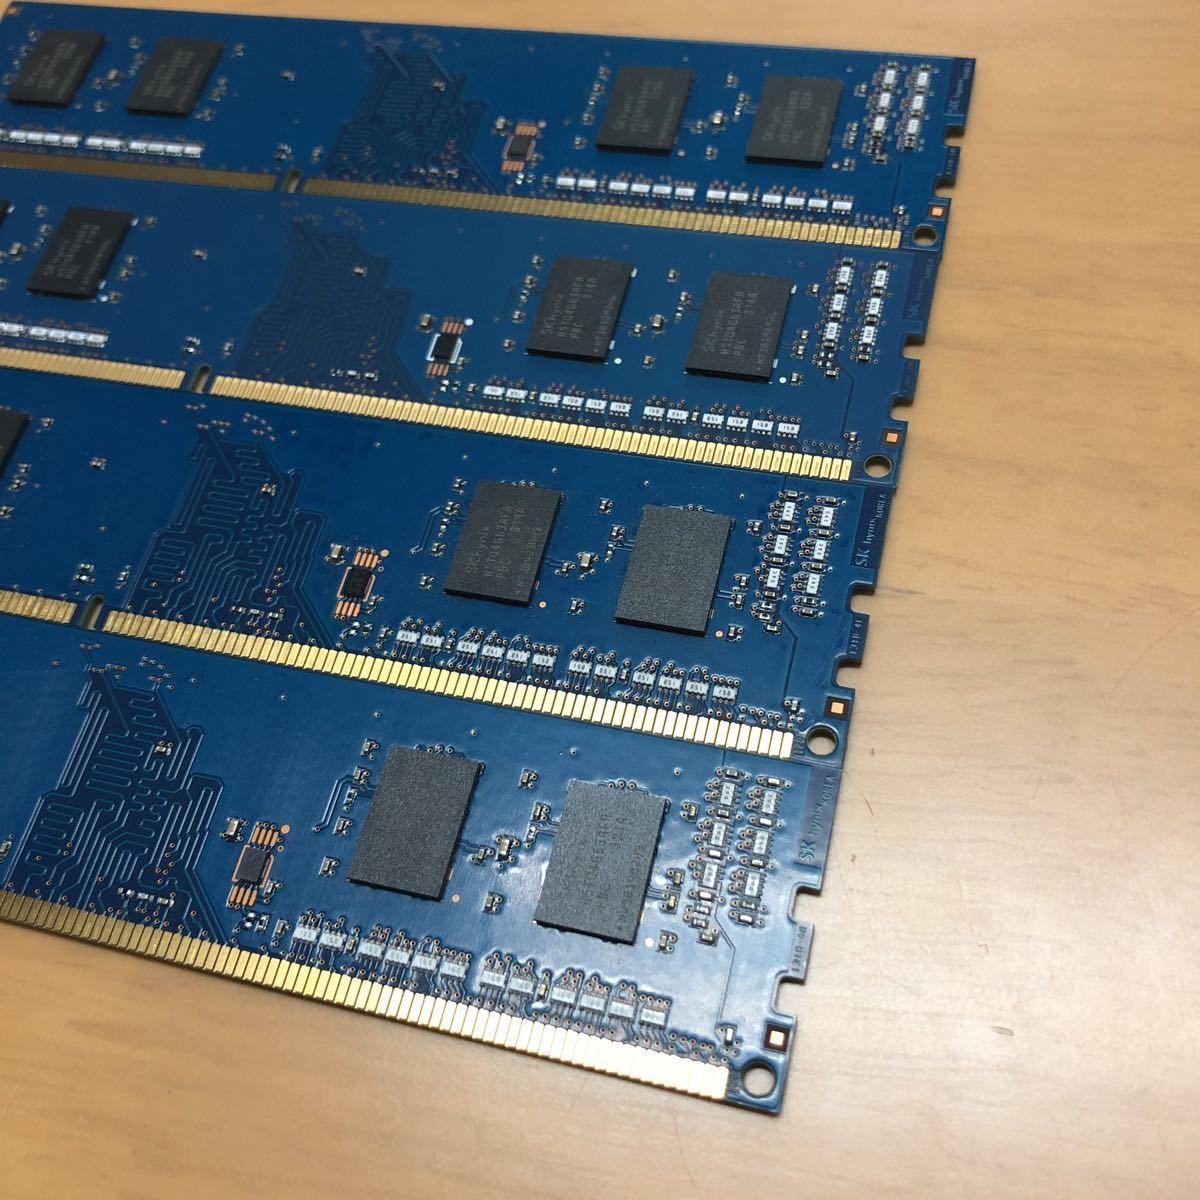 高性能 美品 SK hynix 1Rx16 PC3-12800U-11-12-C1 2GB×4枚 計8GB (DDR3 1600) 片面チップ デスクトップ PCメモリー 完動品_画像10